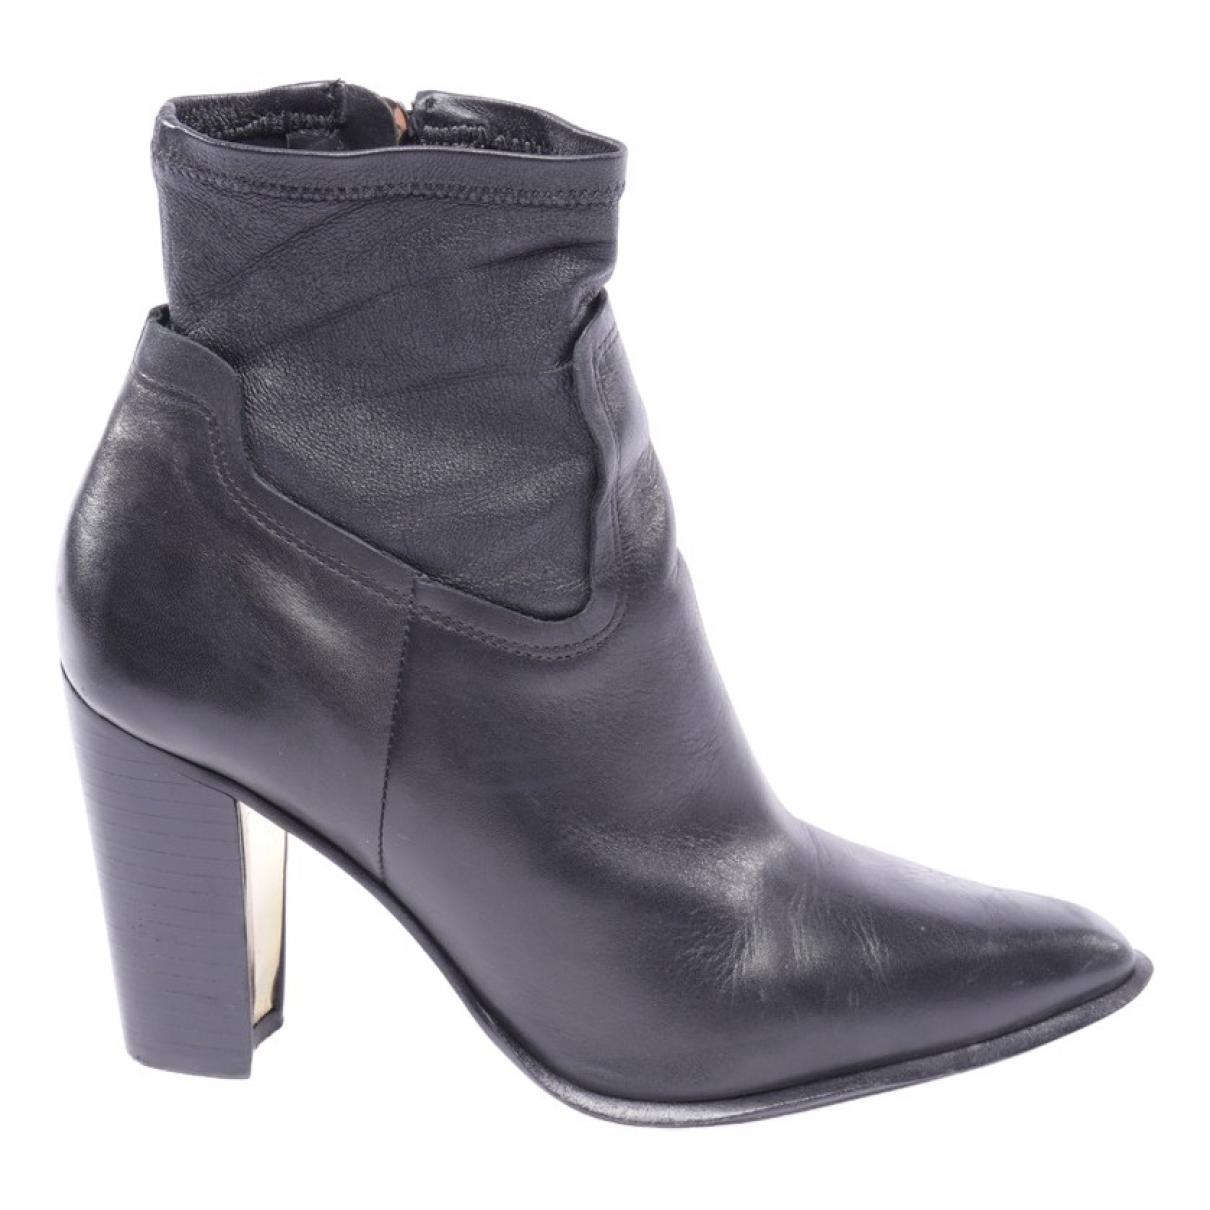 Rachel Zoe - Boots   pour femme en cuir - noir